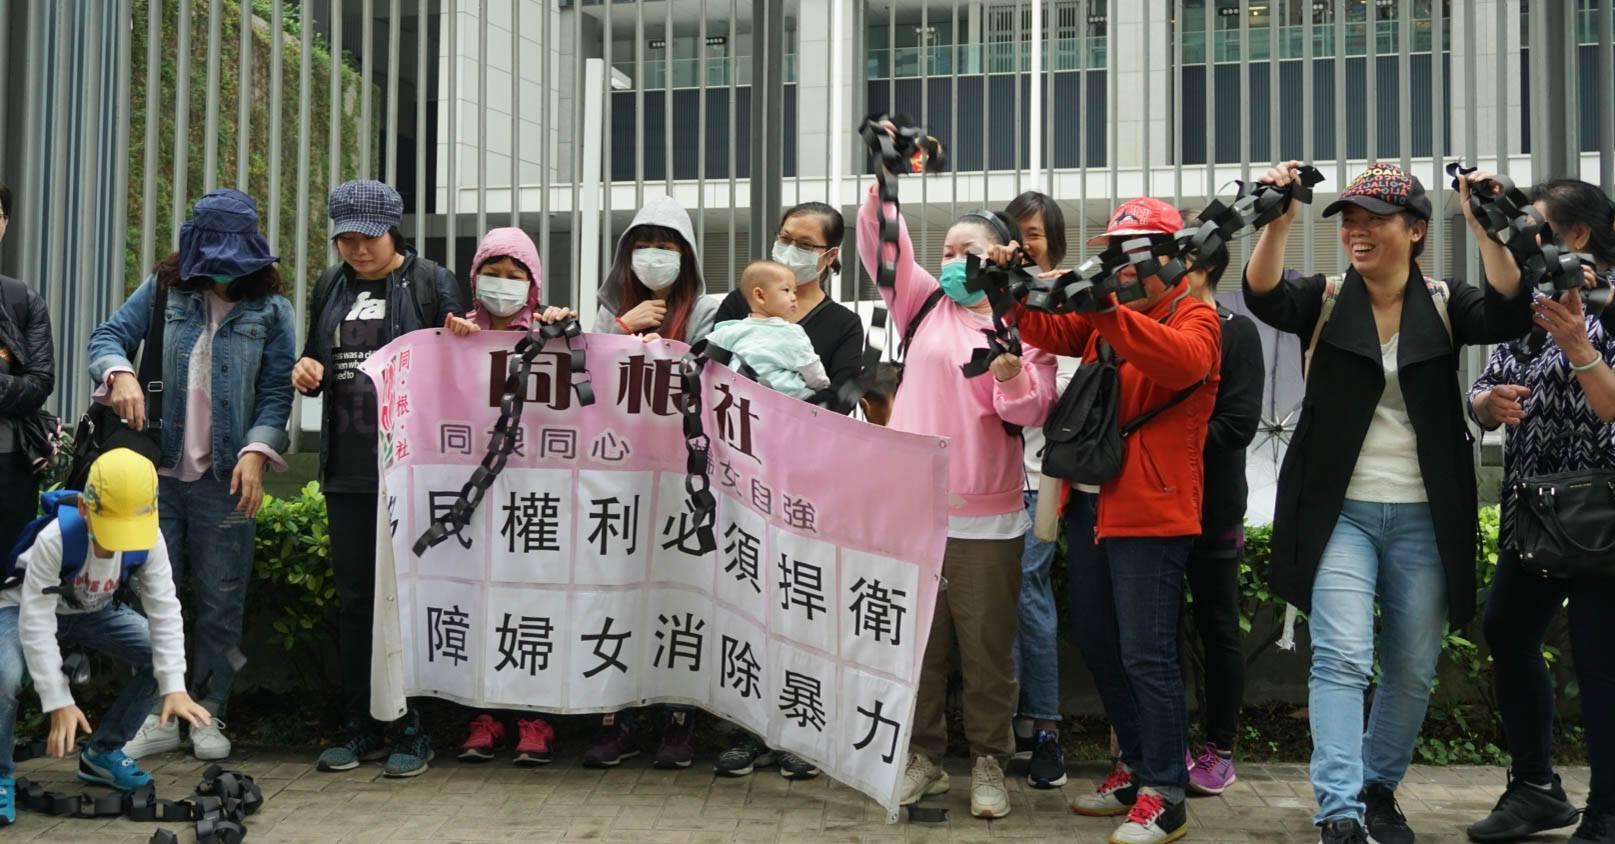 多國團體聯合行動 要求保障婚姻移民權利